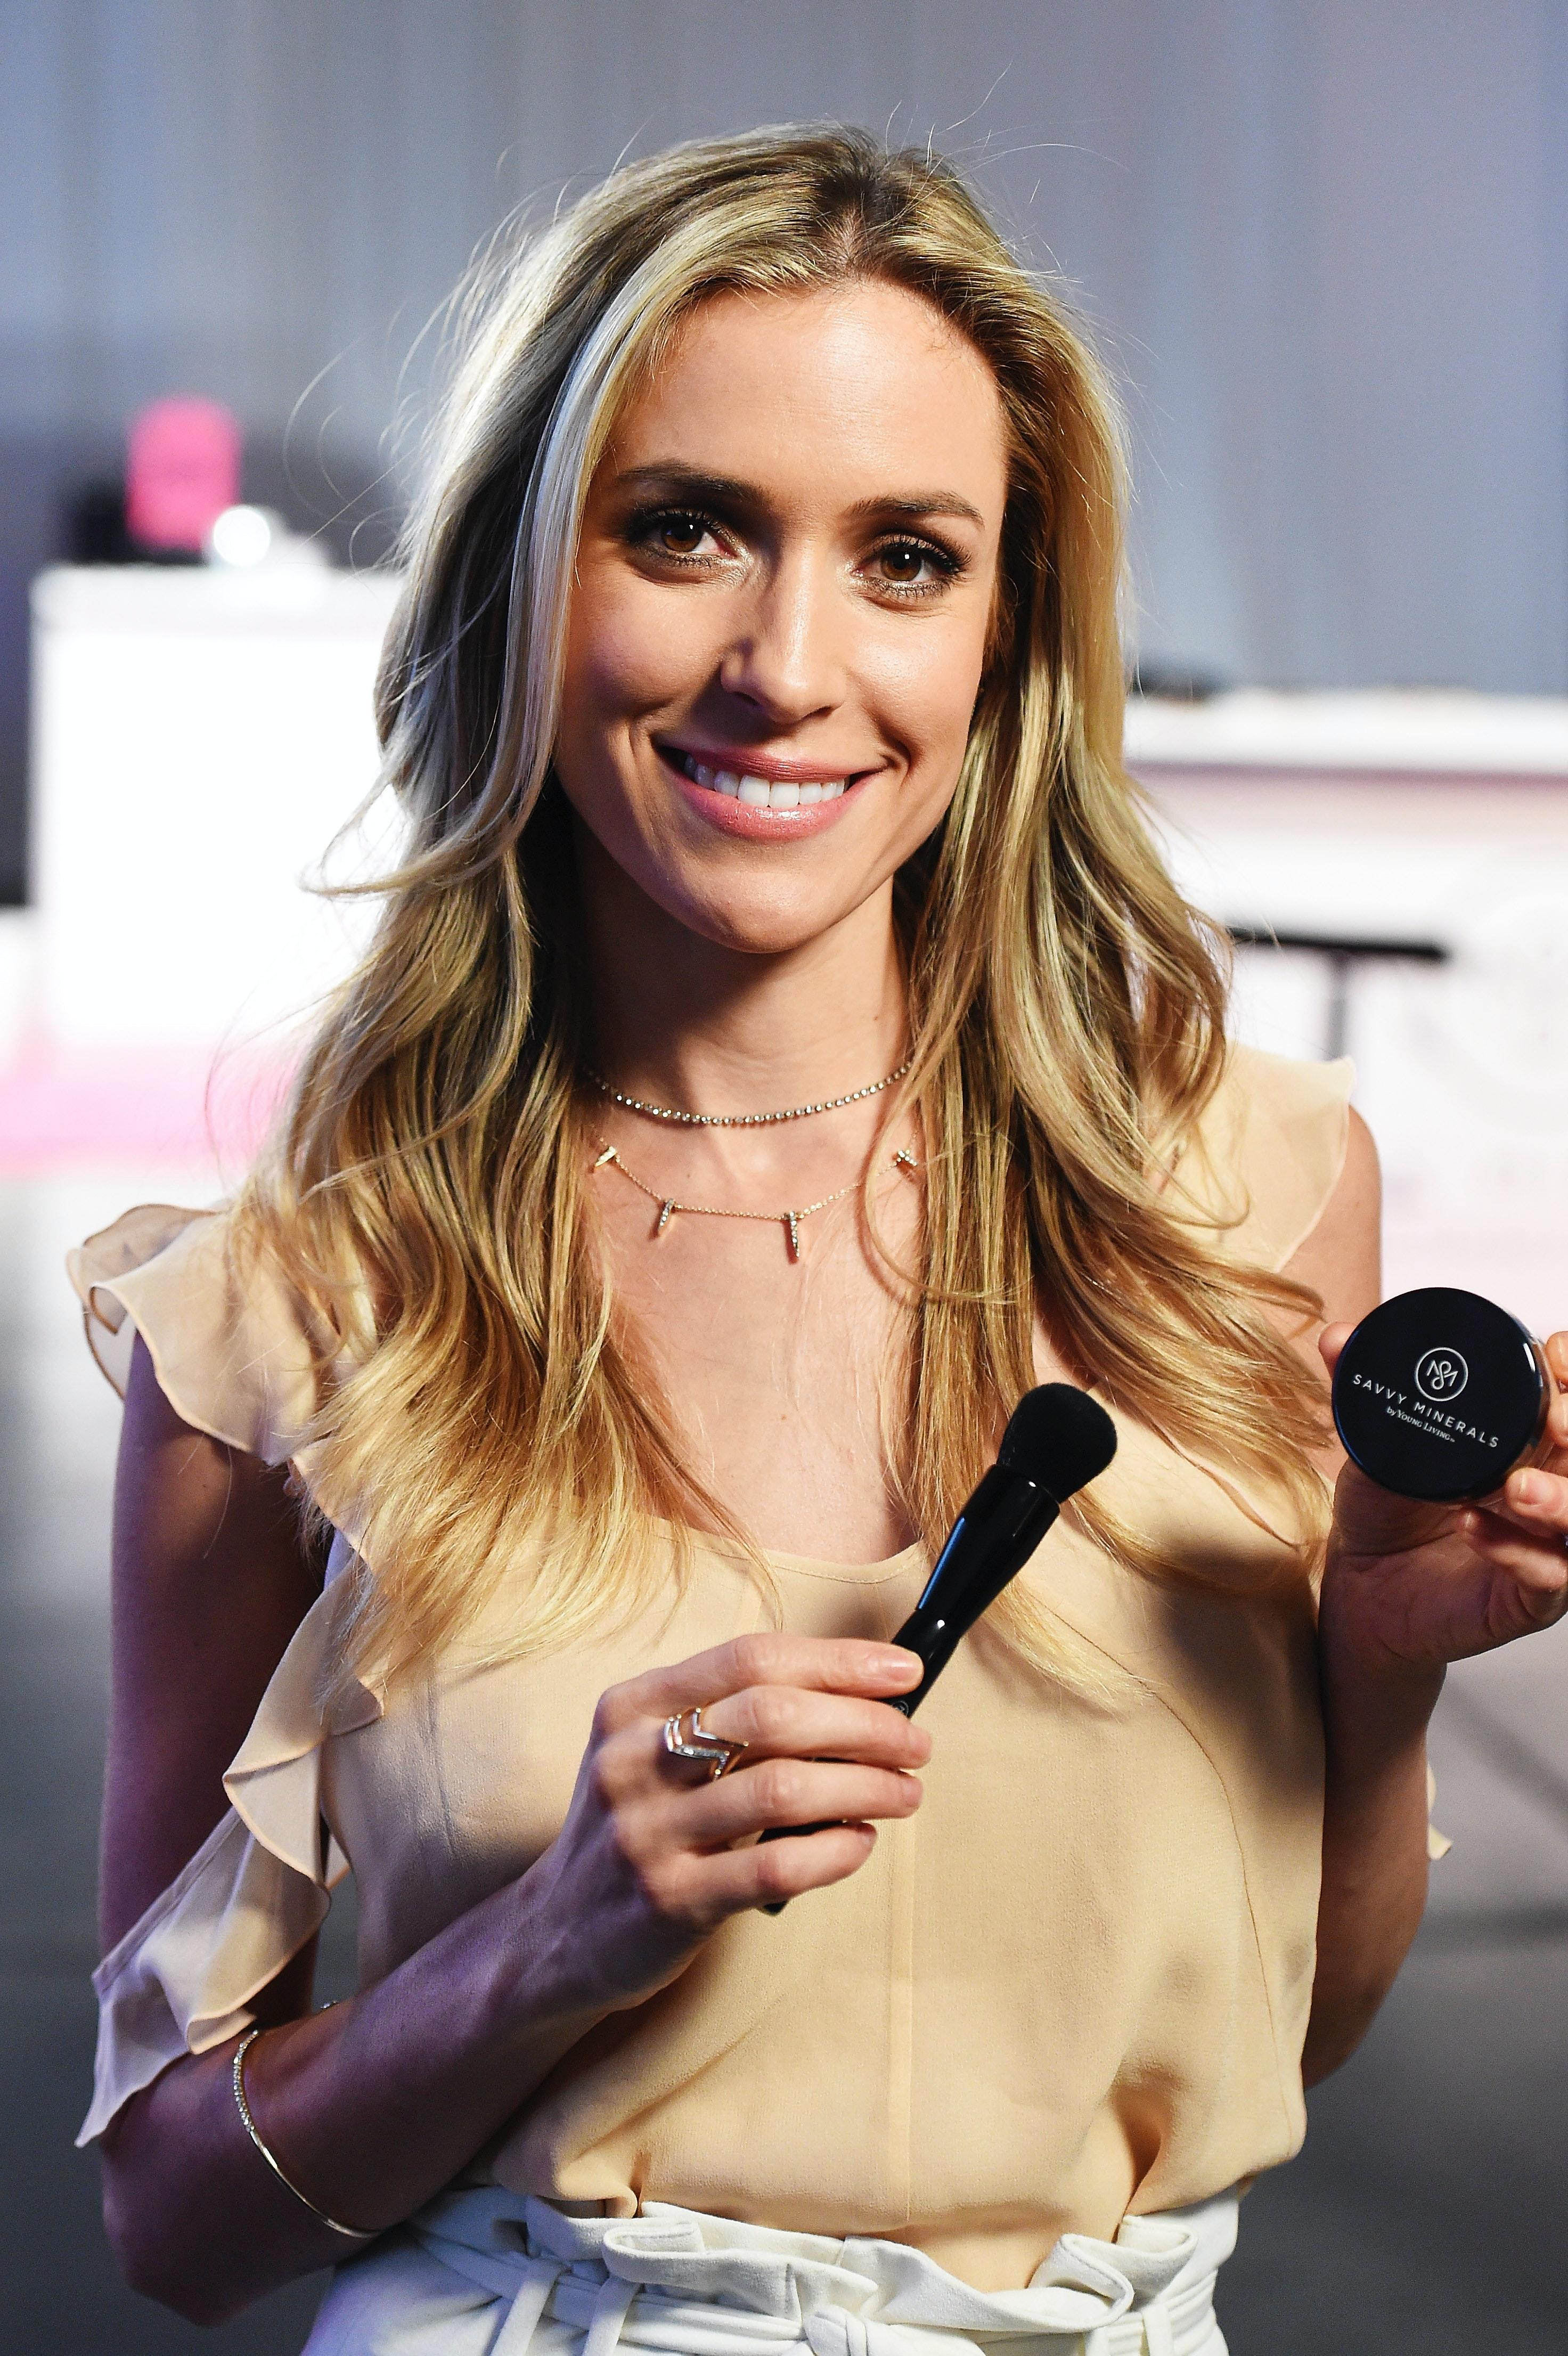 Kristin Cavallari S New Short Hair Will Remind You Of Her Laguna Beach Days